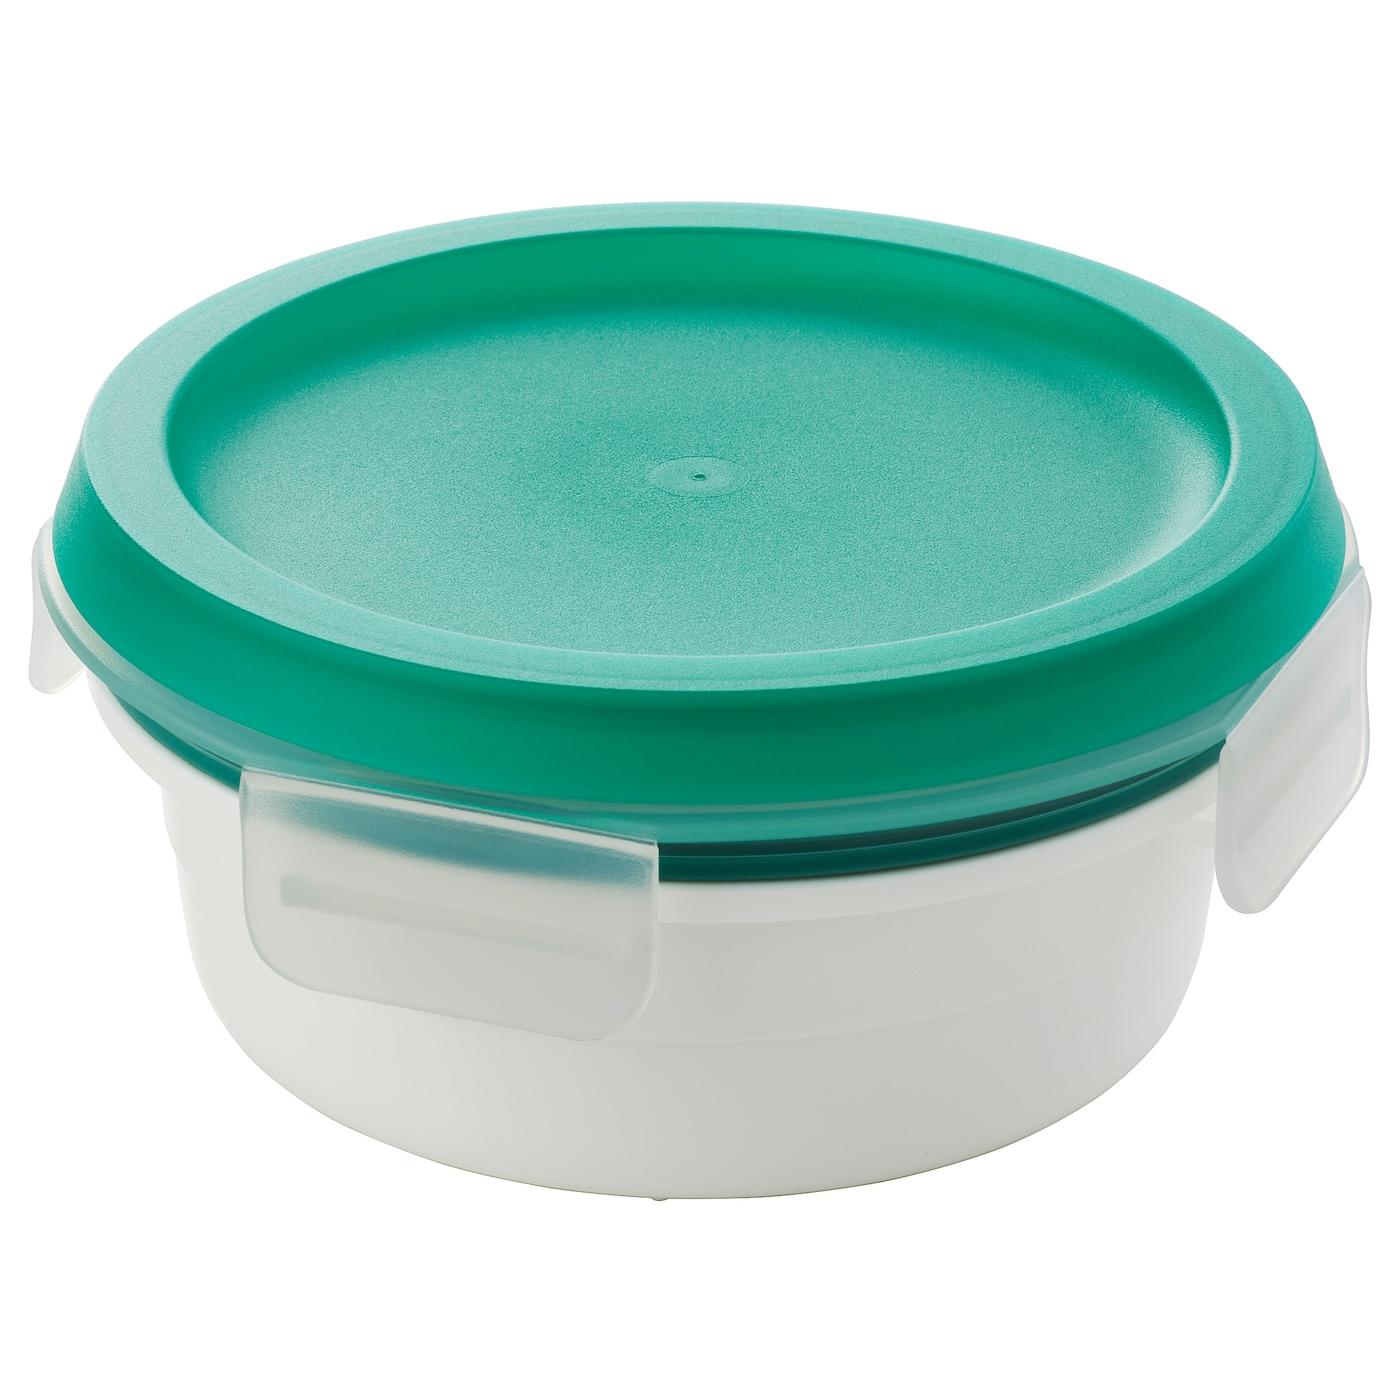 IKEA 365+ Lunchbox mit Extrafach - rund 450 ml